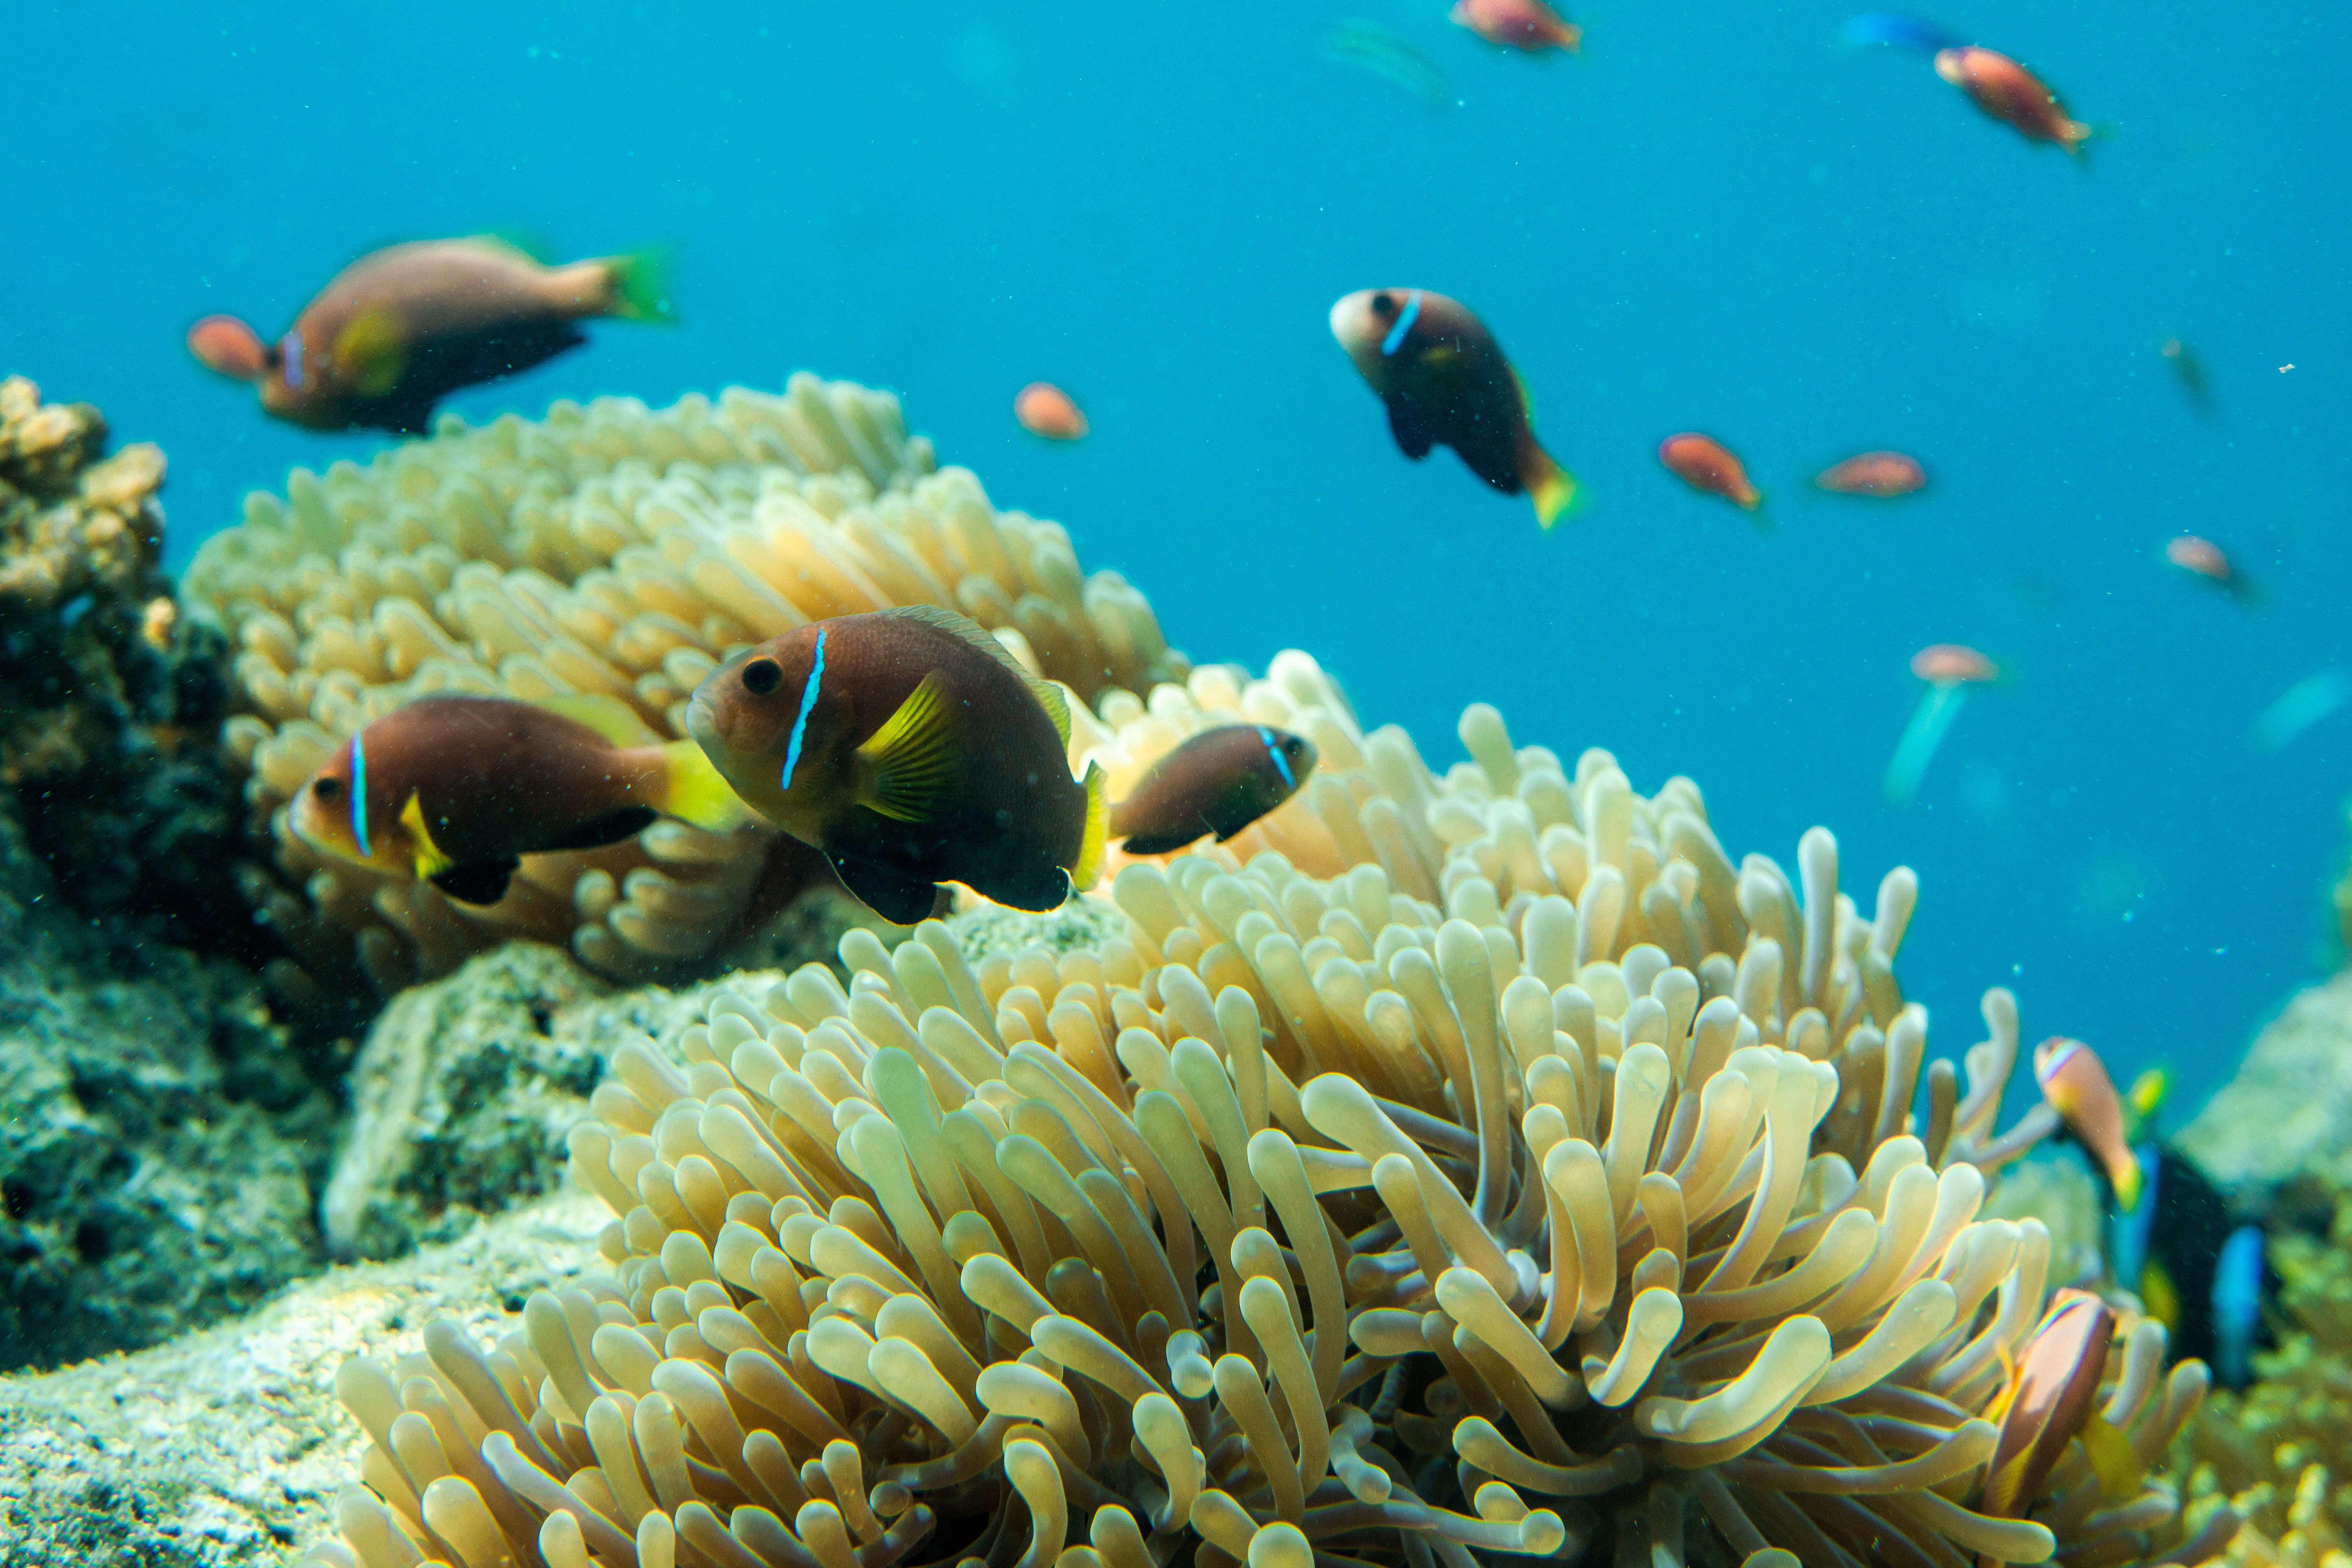 (Français) Une stratégie pour restaurer la vie marine d'ici 2050